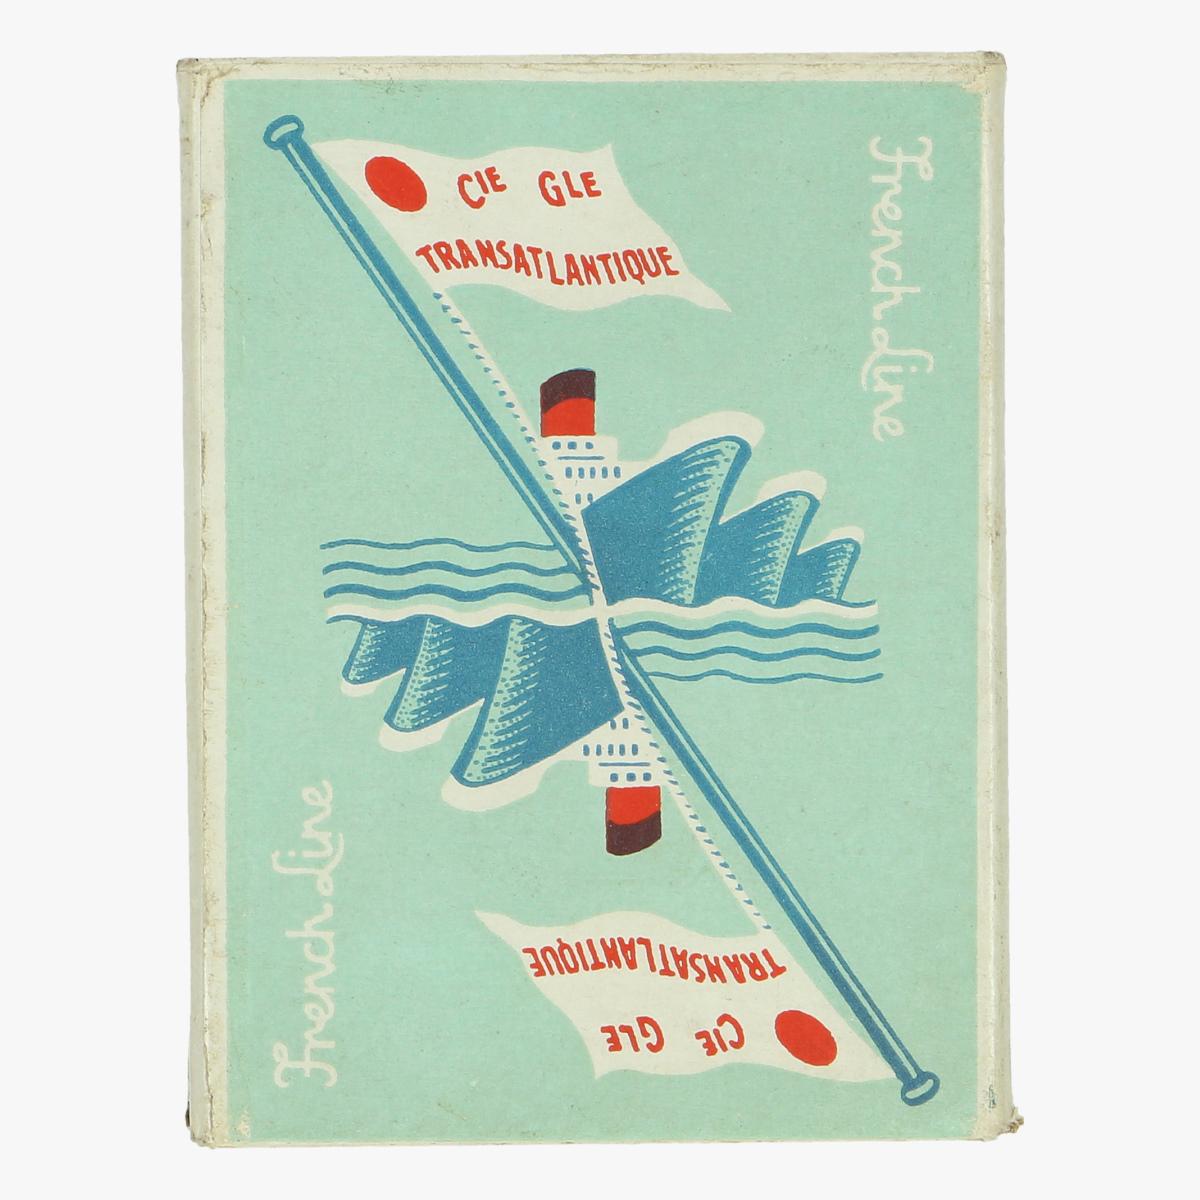 Afbeeldingen van oude speelkaarten French Line compagnie generale transatlantique